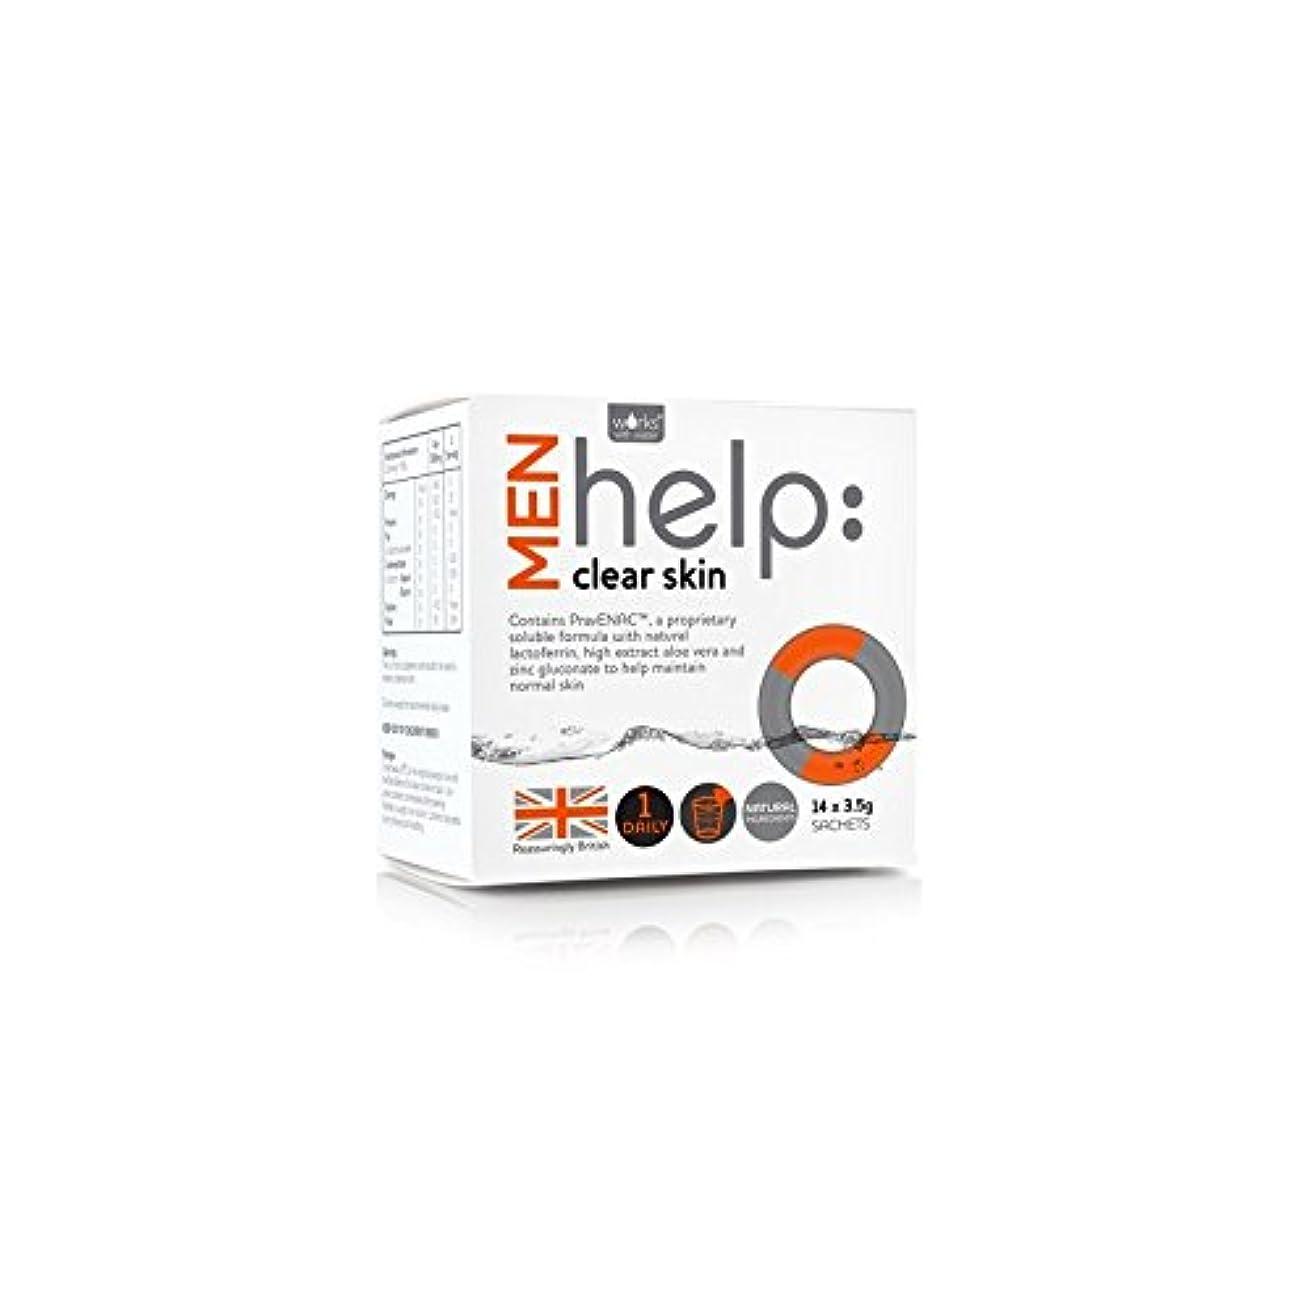 トリプル超えてステレオタイプWorks With Water Men's Help: Clear Skin Soluble Supplement (14 X 3.5G) (Pack of 6) - クリアな肌可溶性サプリメント(14 3.5グラム)...